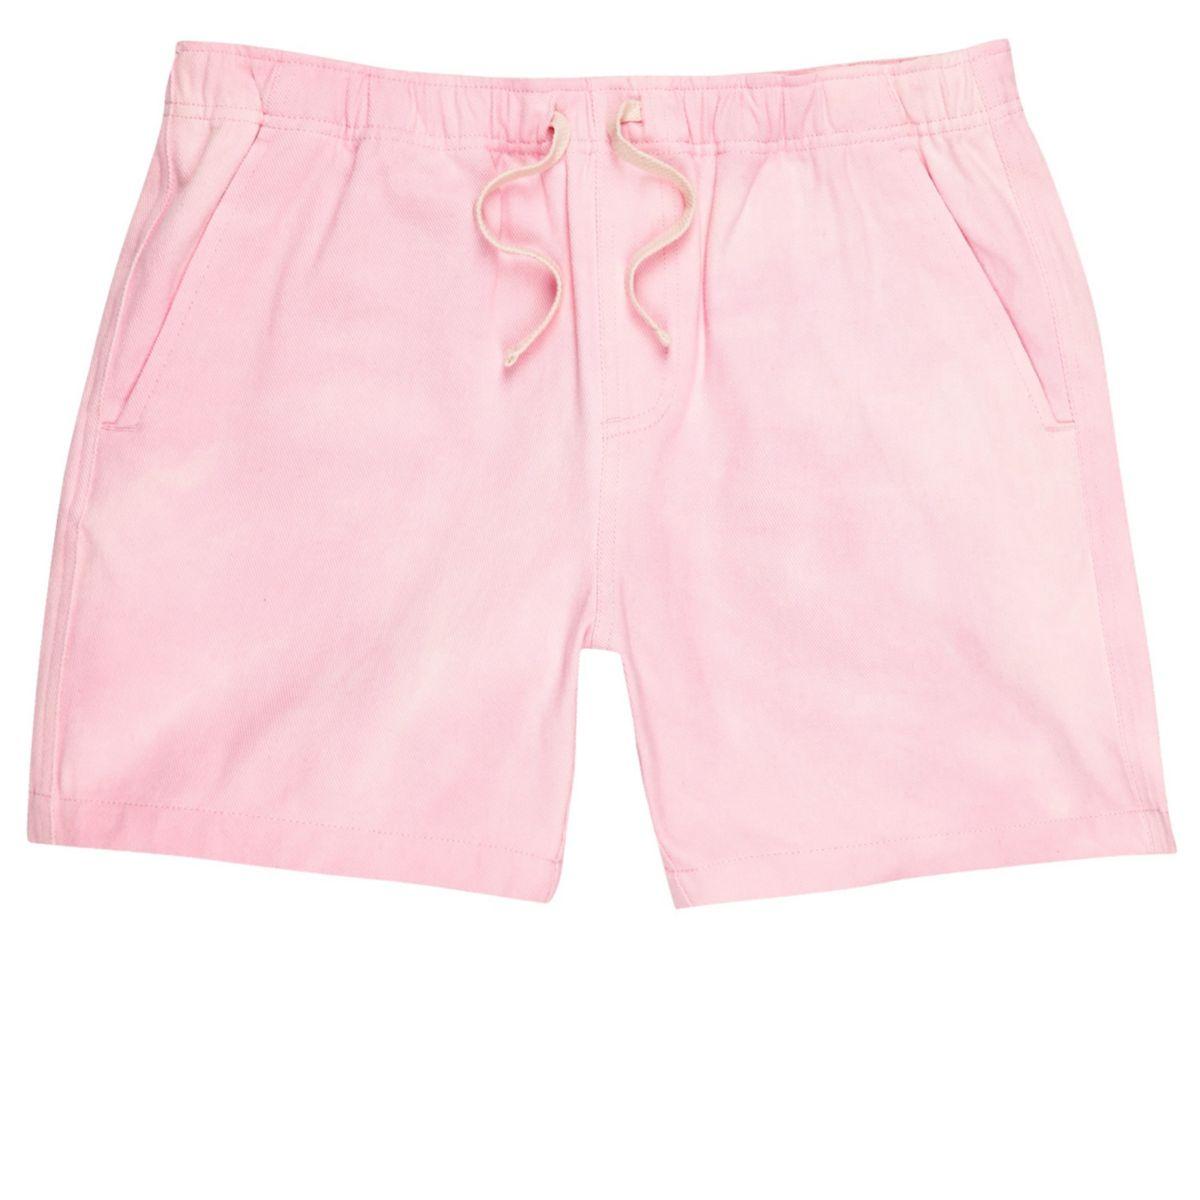 Pink acid wash woven shorts